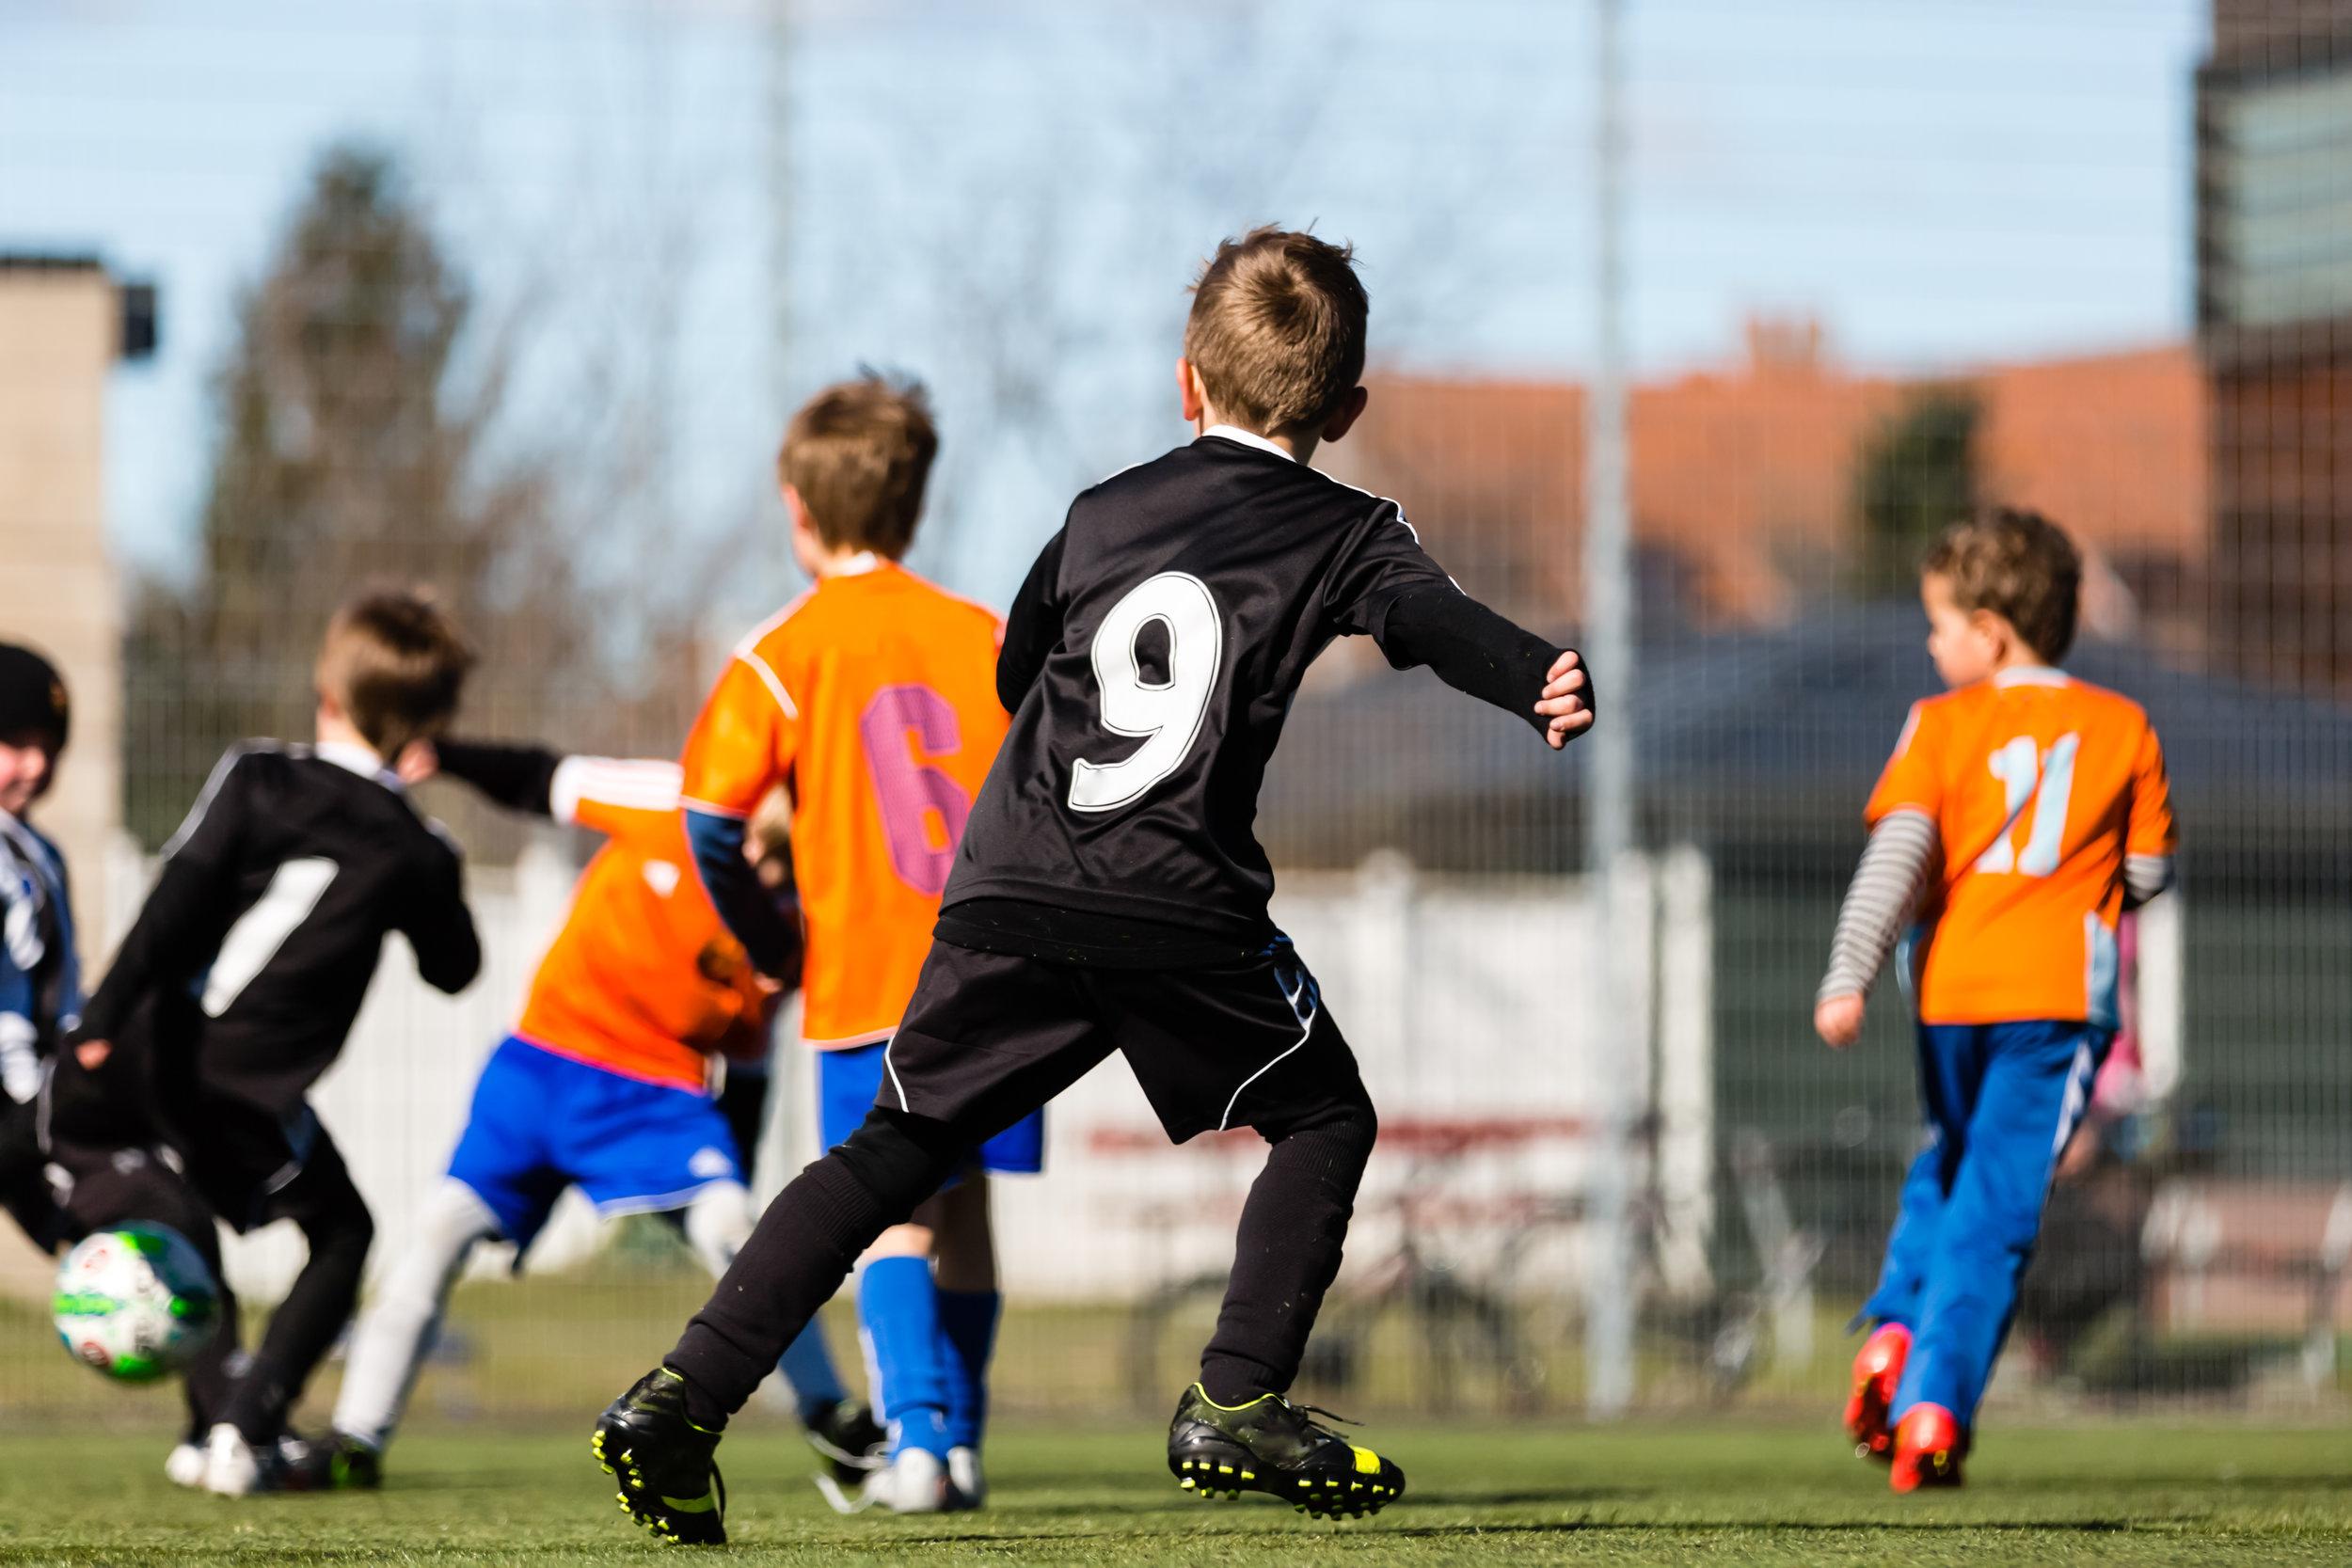 Fußballspielende Kinder - colourbox